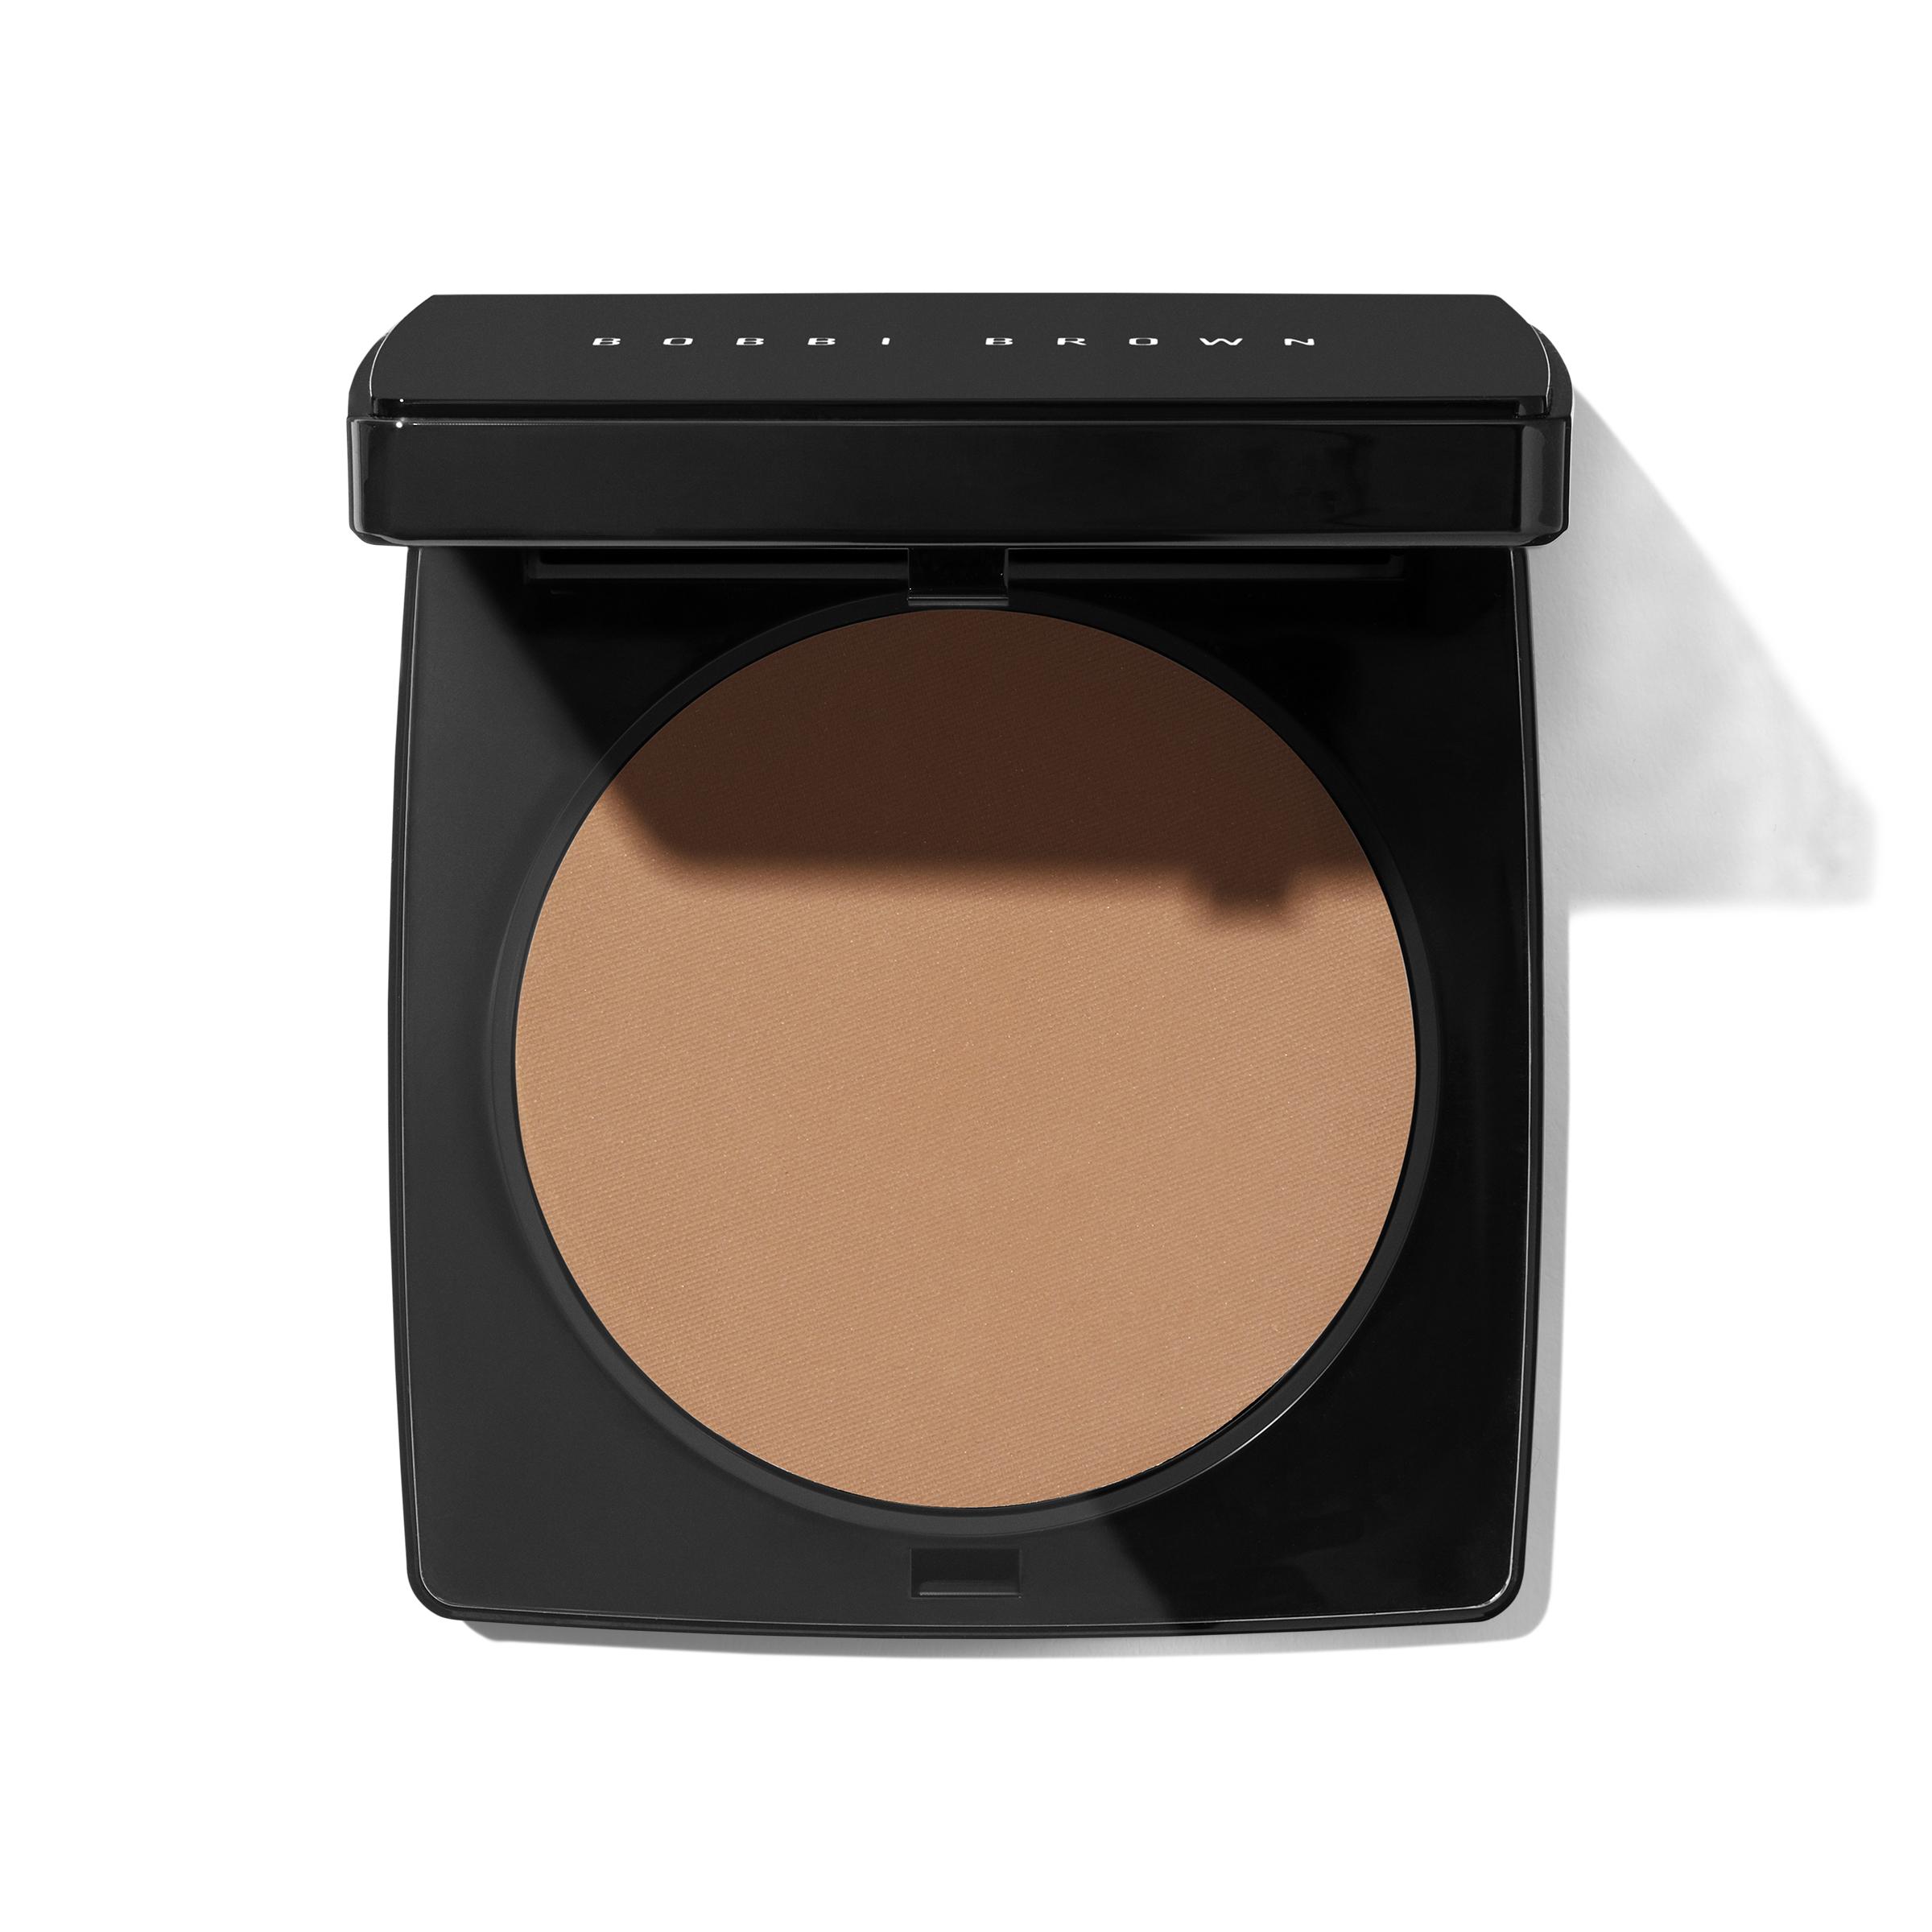 Bobbi Brown Pressed Powder, basic brown